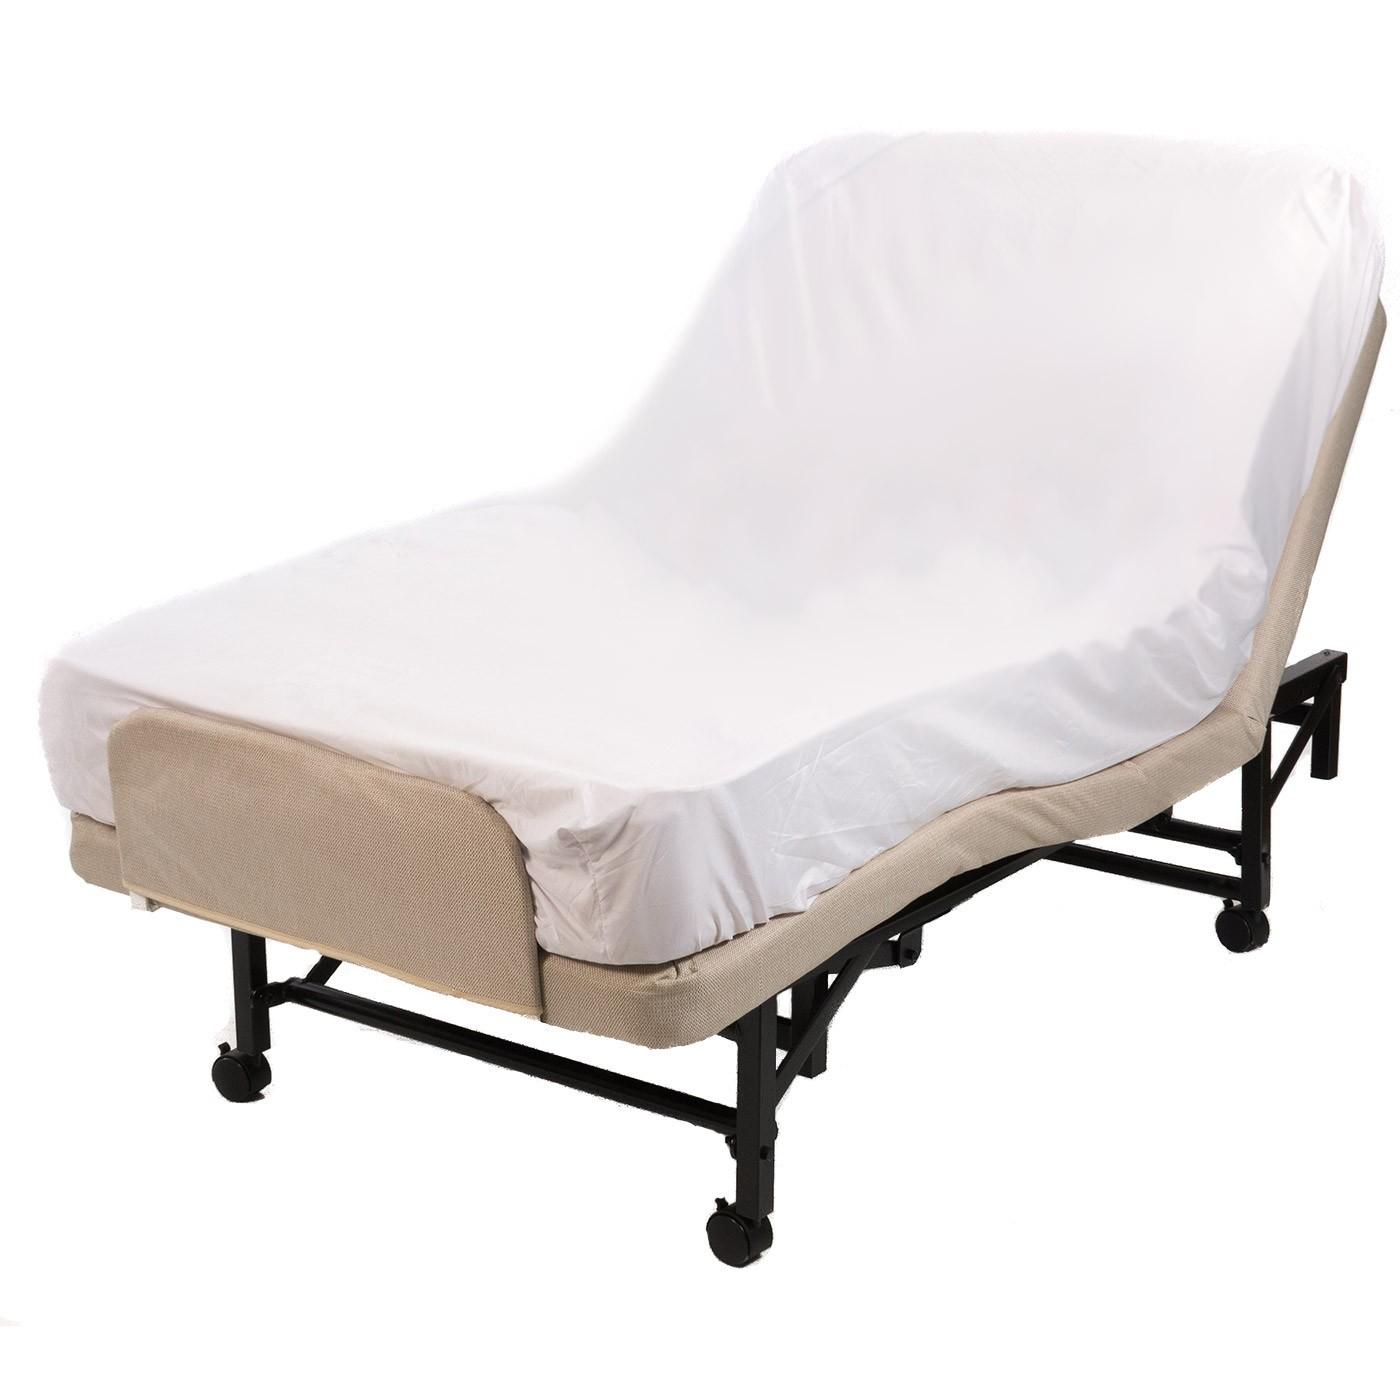 Flex-a-Bed 185 Hi-Low Adjustable Bed Package